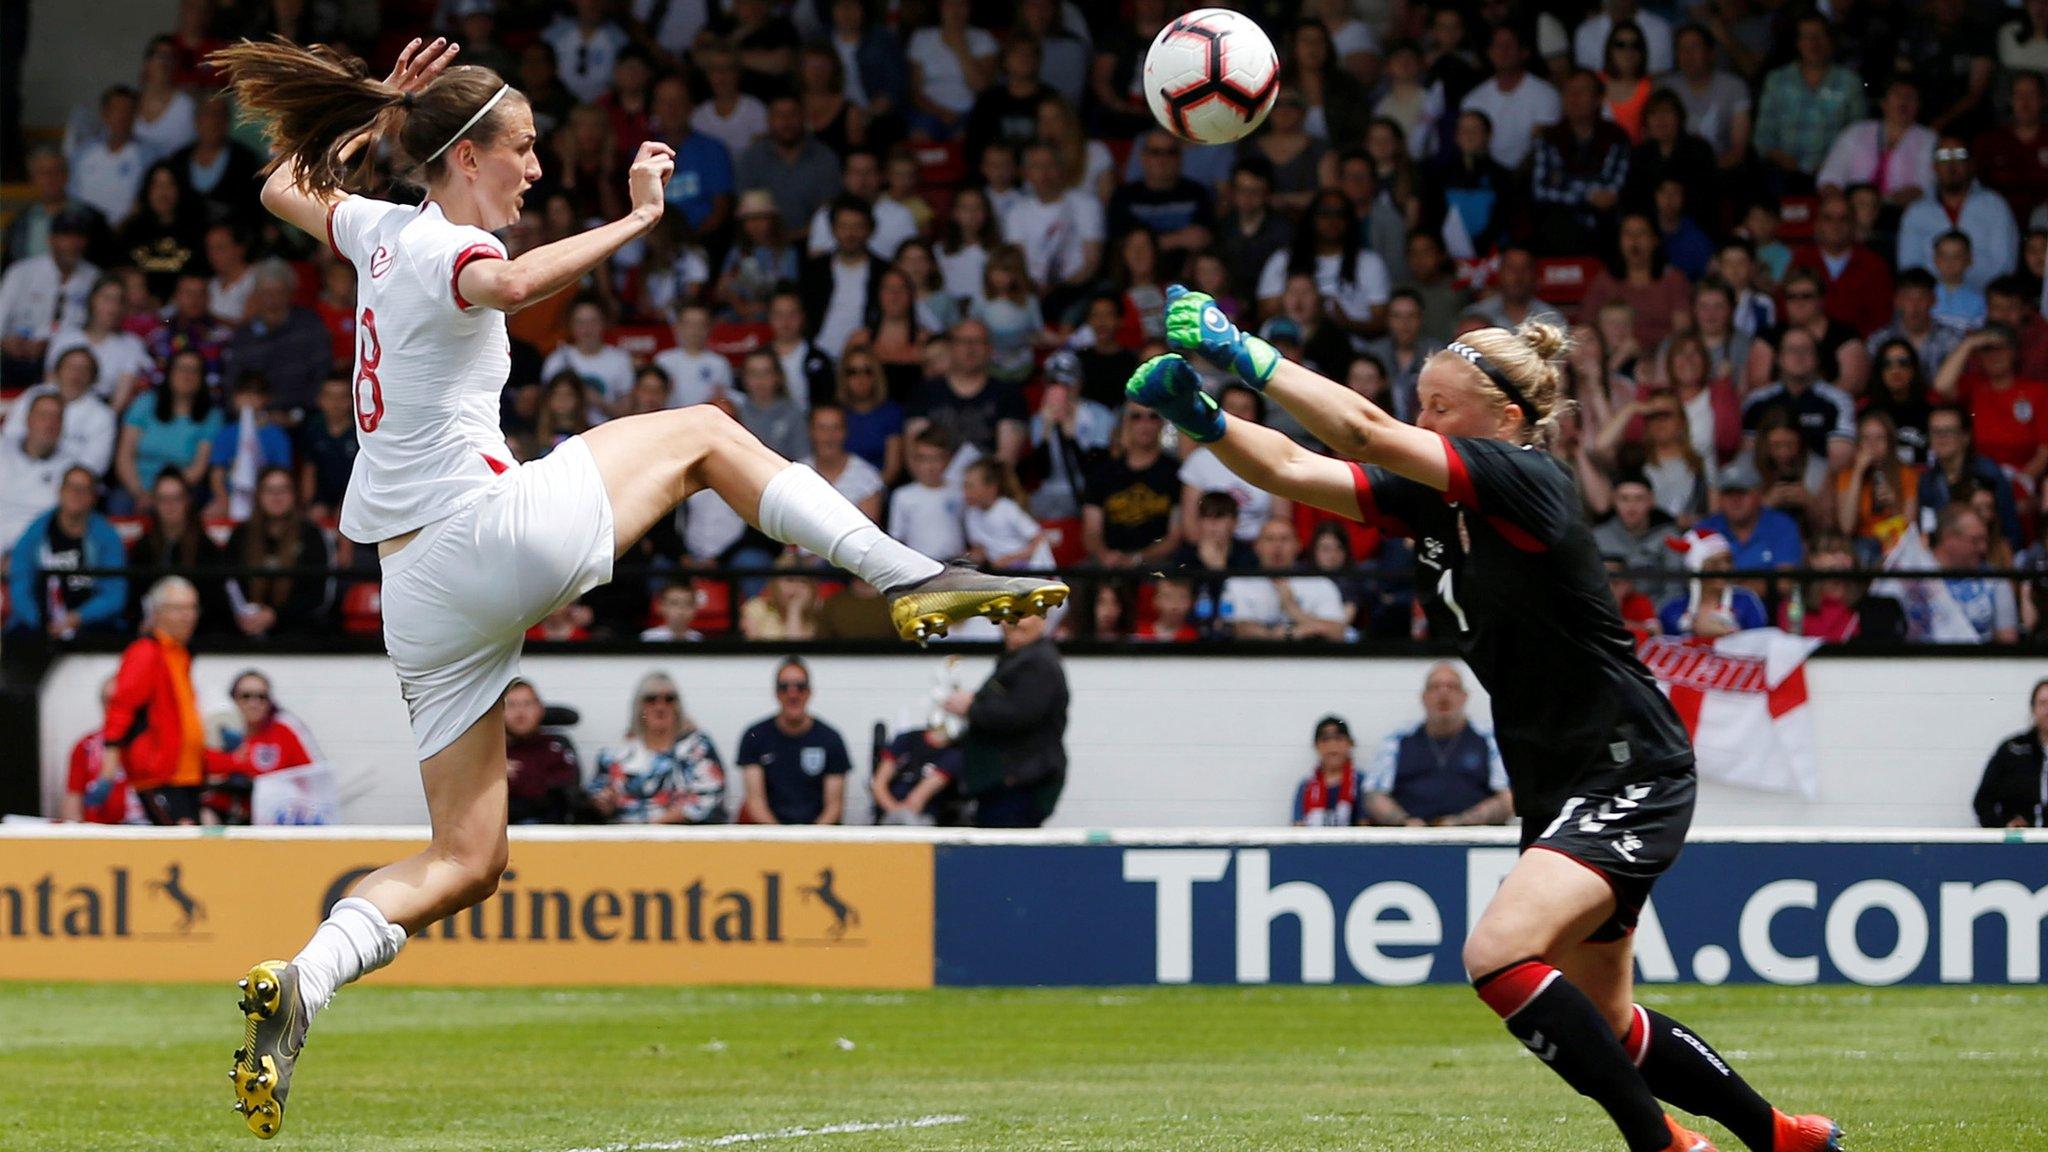 Phil Neville: England women's win over Denmark 'messy'